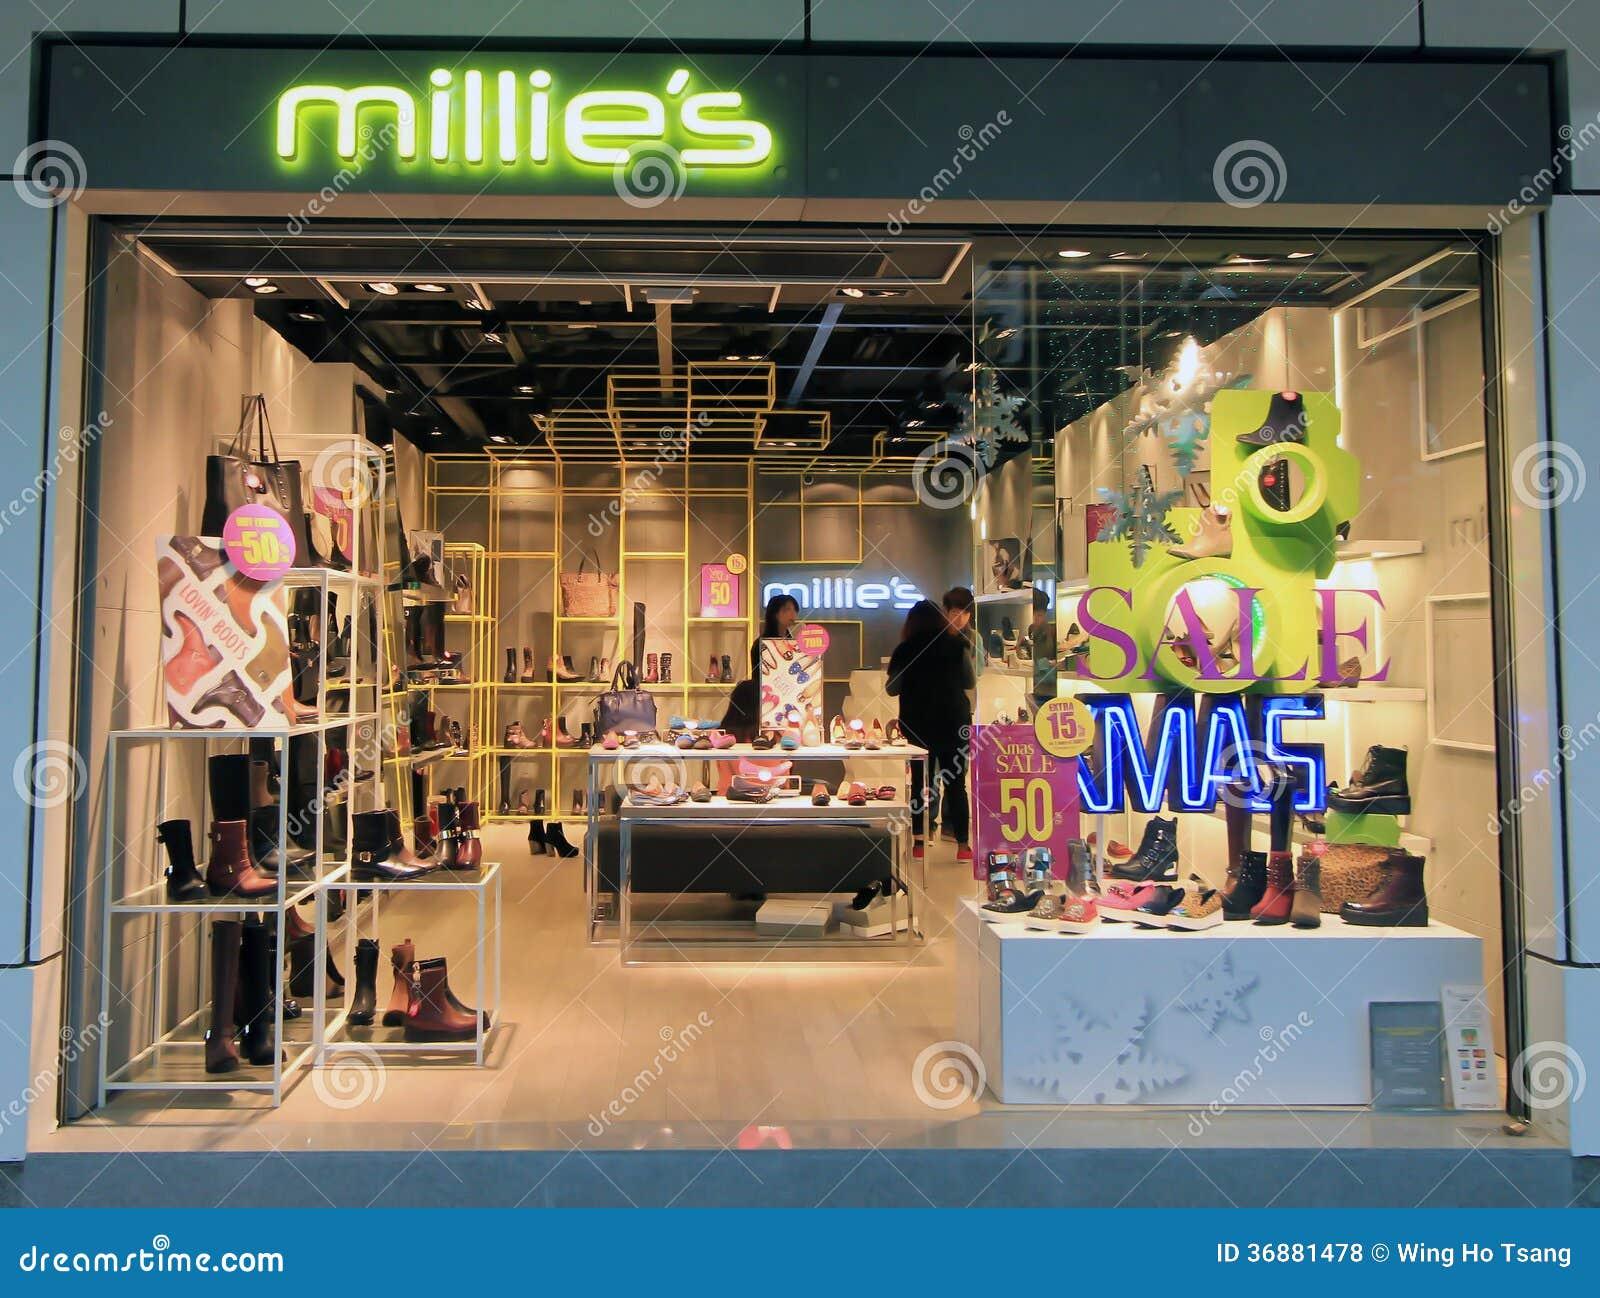 Download Negozio Di Millies A Hong Kong Fotografia Stock Editoriale - Immagine di pattini, rivenditore: 36881478